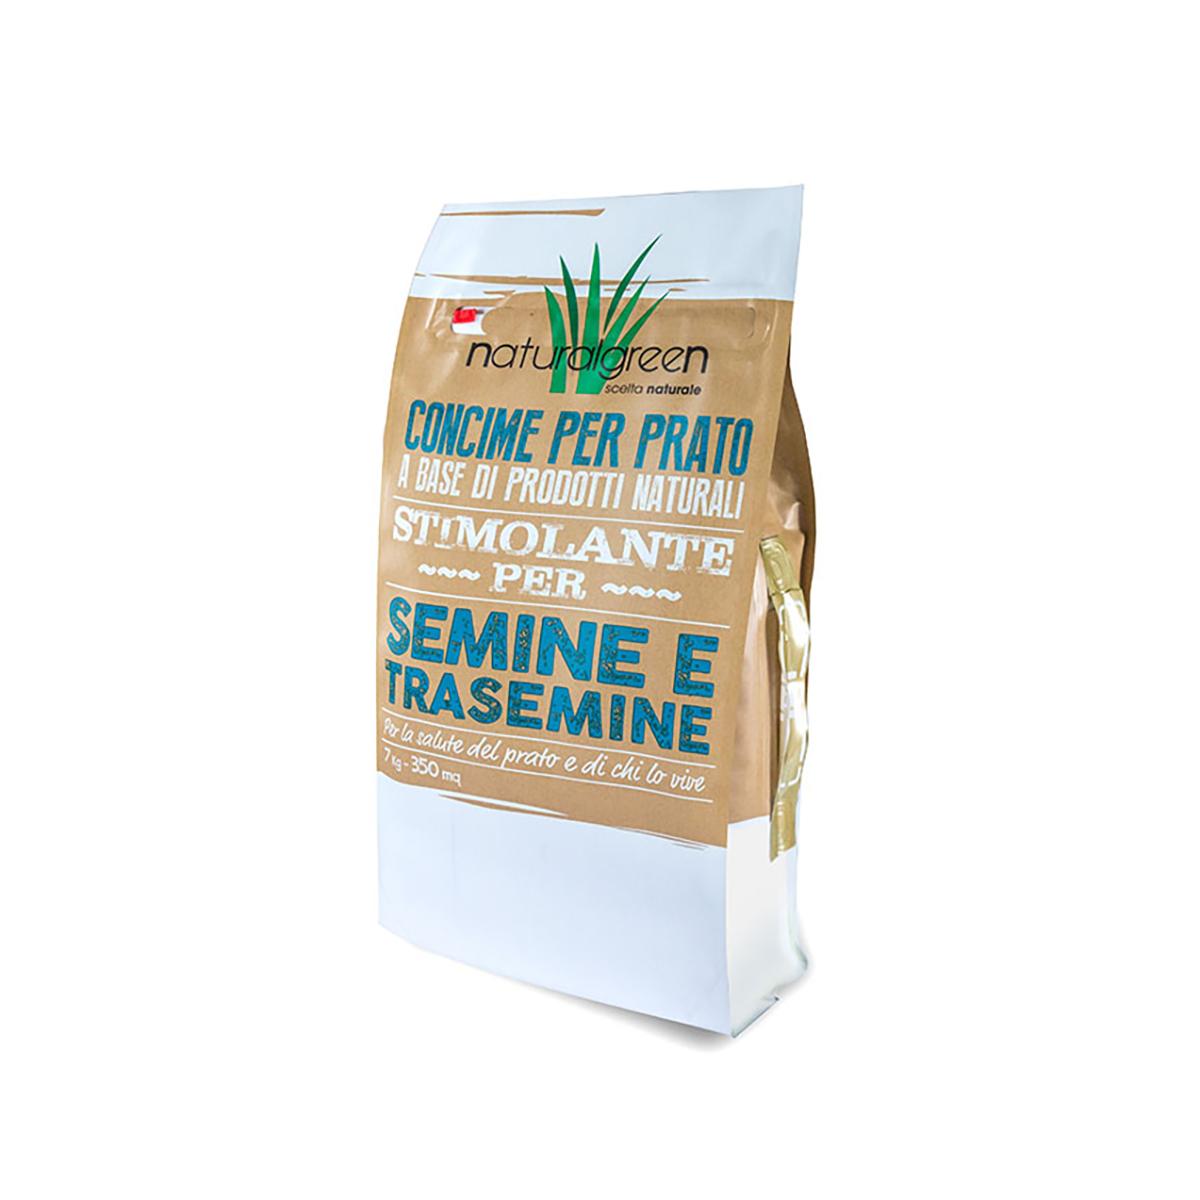 BOTTOS CONCIME NATURALGREEN STIMOLANTE PER SEMINE E TRASEMINE 10-18-10 KG 7